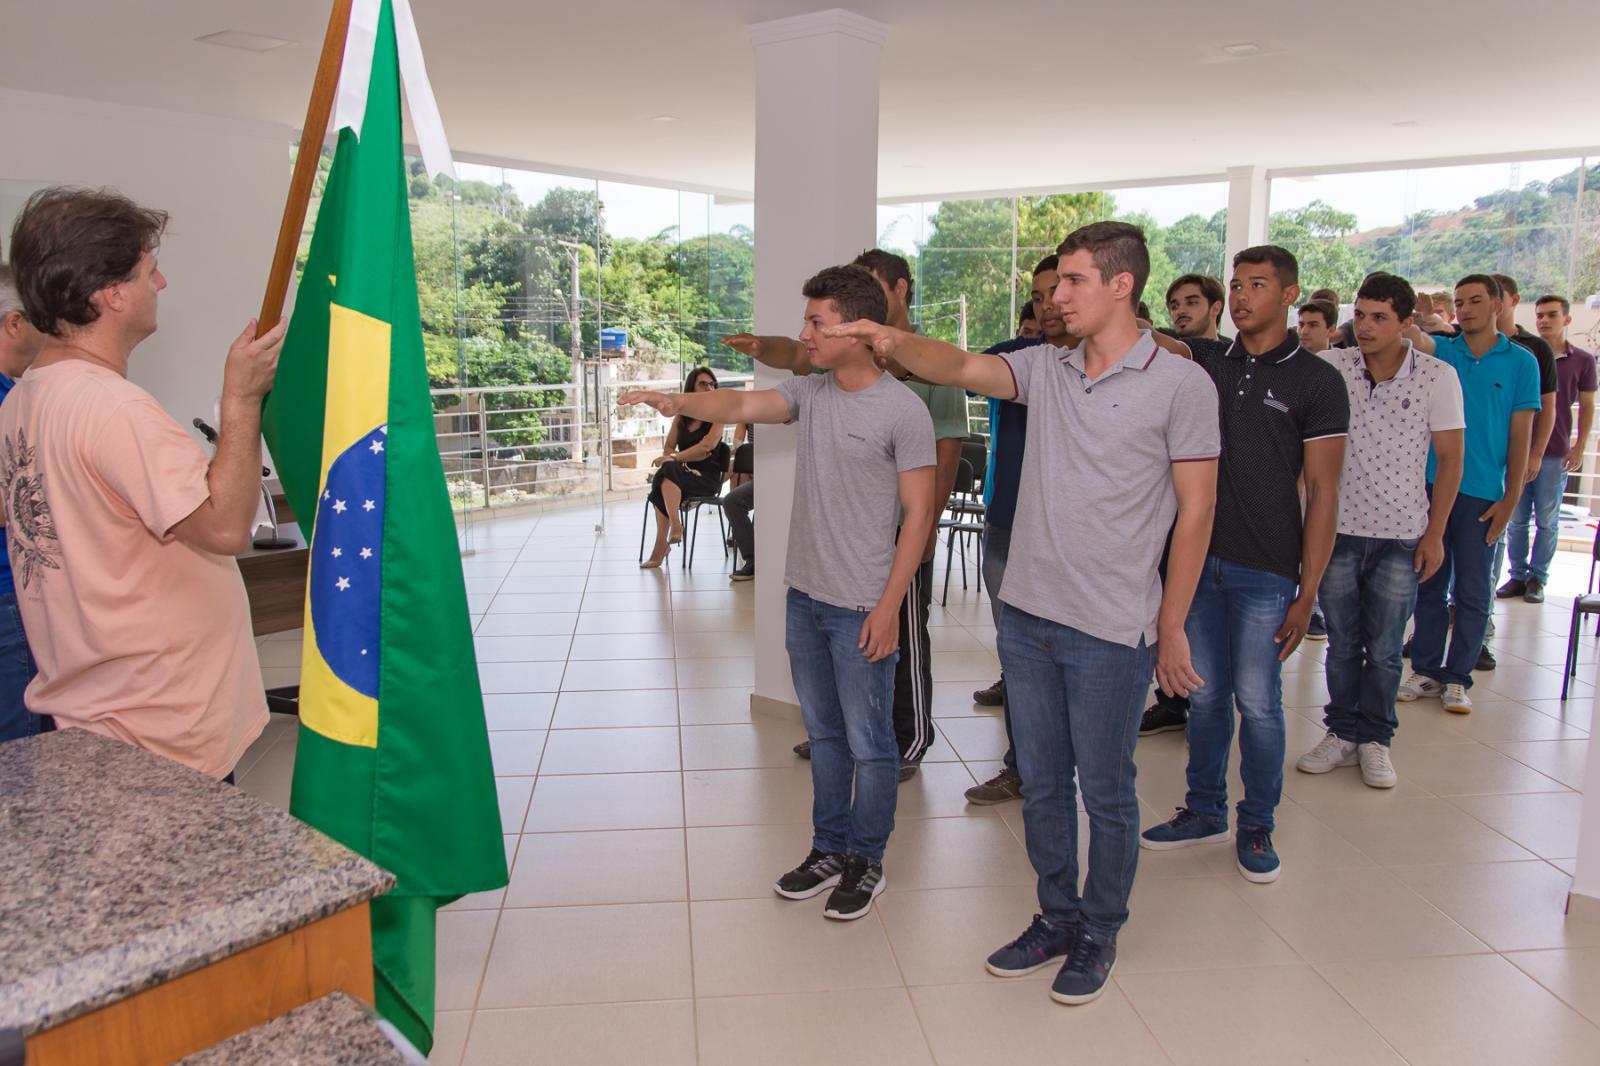 Jovens alistados no Serviço Militar fazem juramento à Bandeira